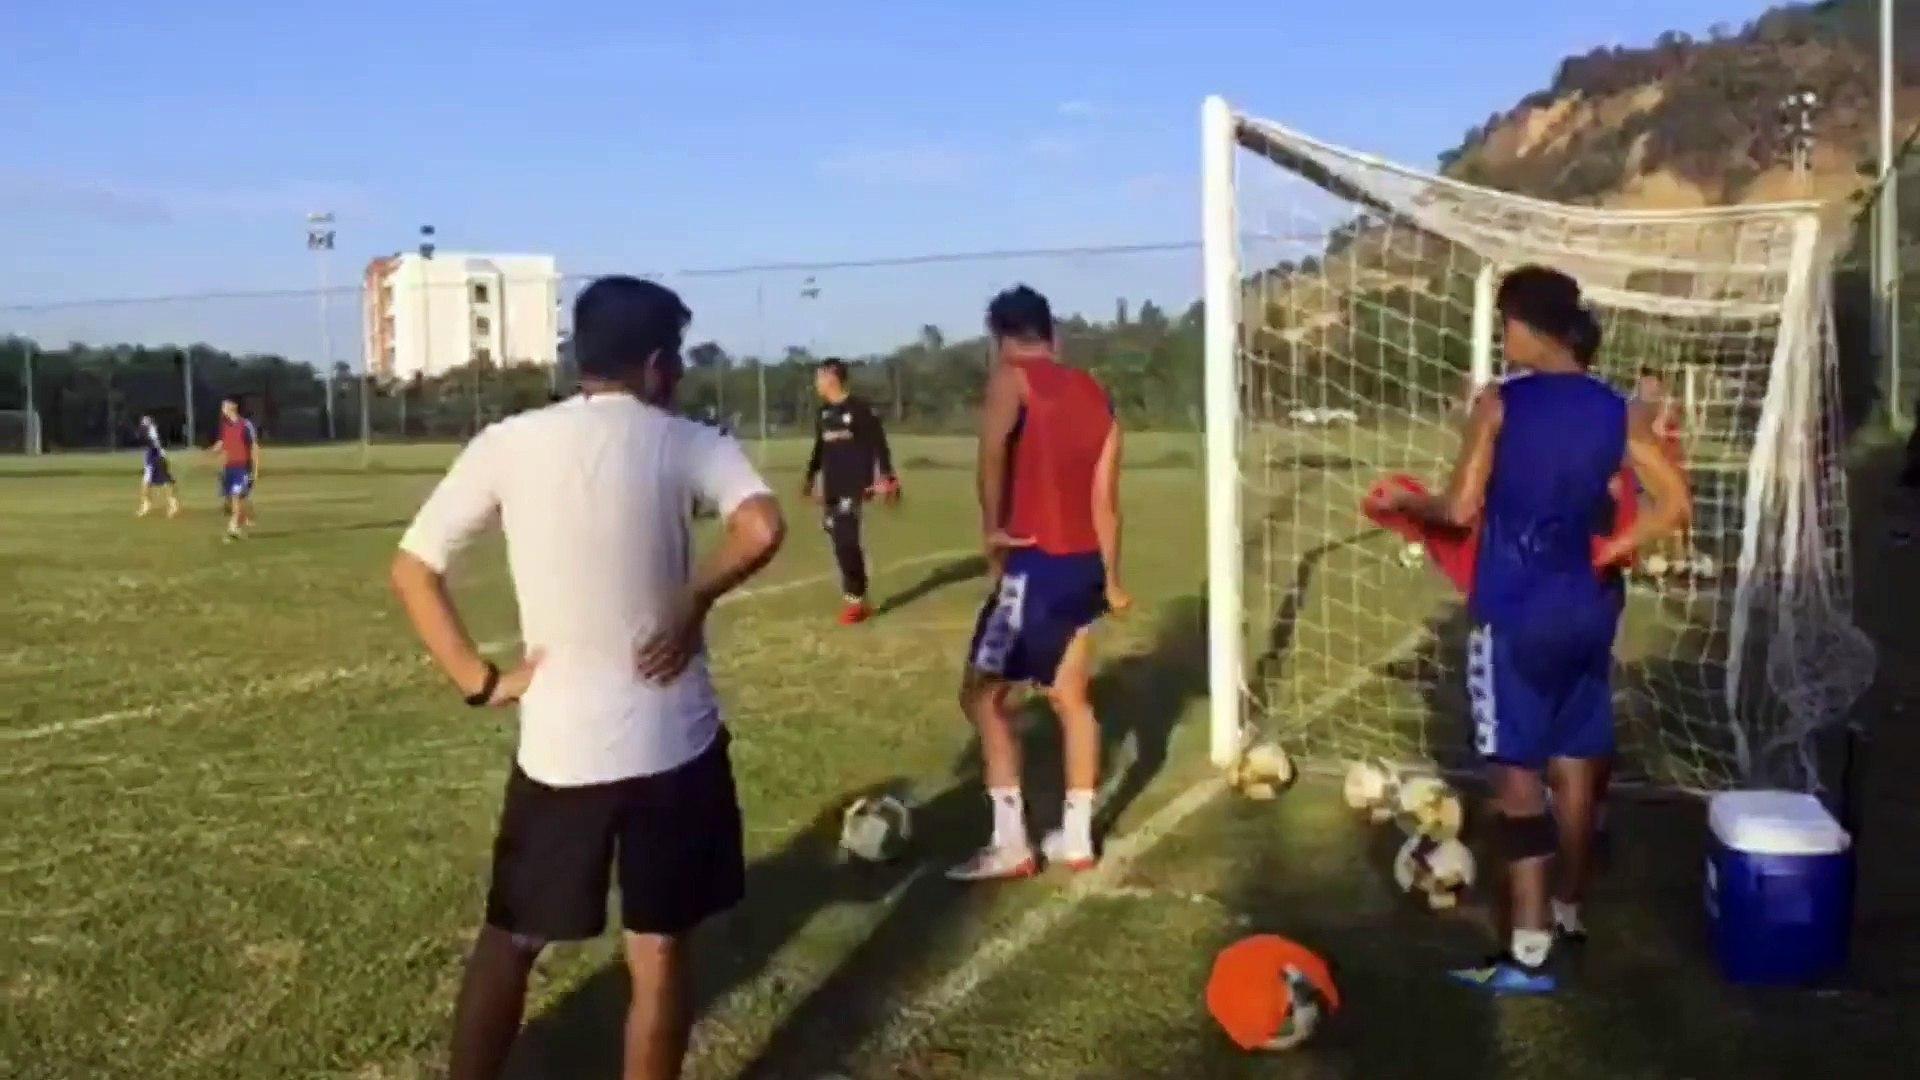 Trực tiếp: CLB Hà Nội chăm chỉ tập luyện dưới thời tiết nóng bức tại Đà Nẵng | HANOI FC